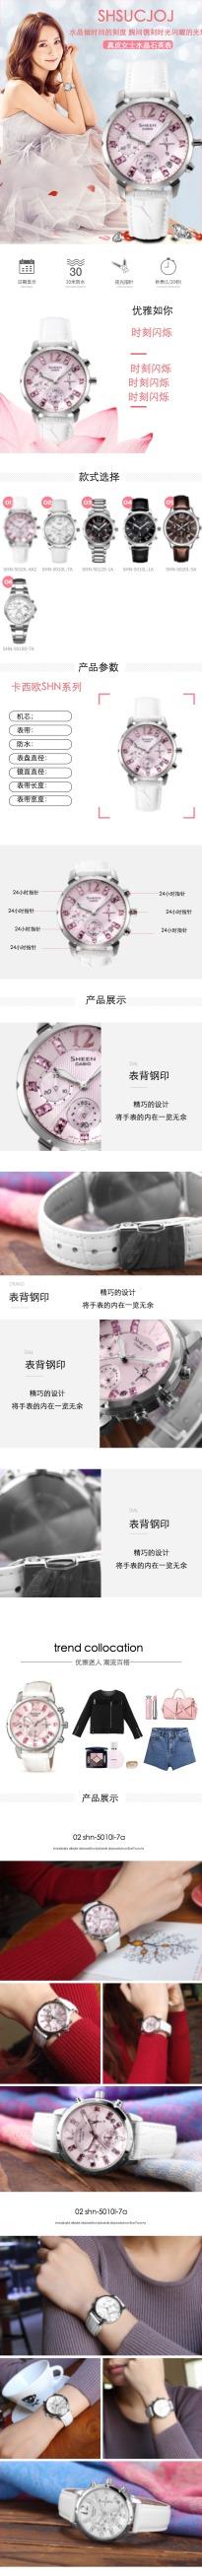 简约清新浪漫手表电商详情图